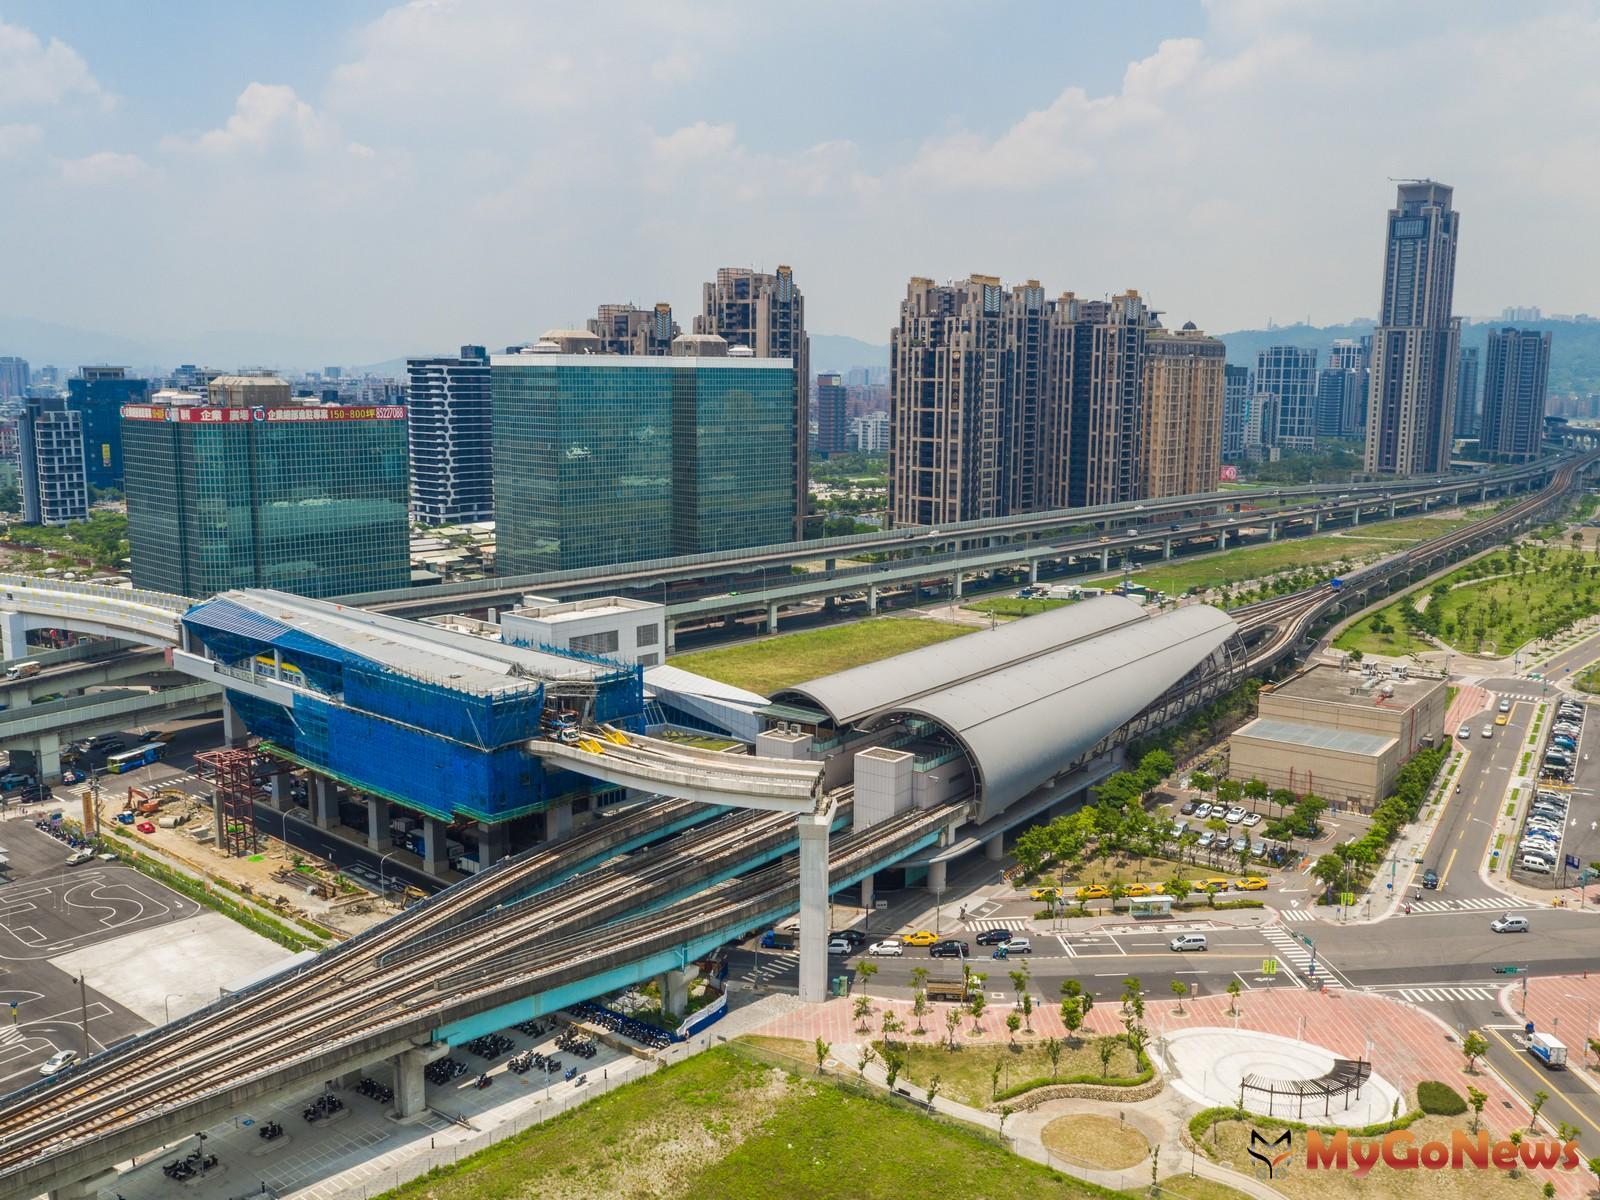 新北因房價較親民加上多條捷運路線建設,吸引脫北及北漂人口移入(圖/鄉林不動產) MyGoNews房地產新聞 趨勢報導